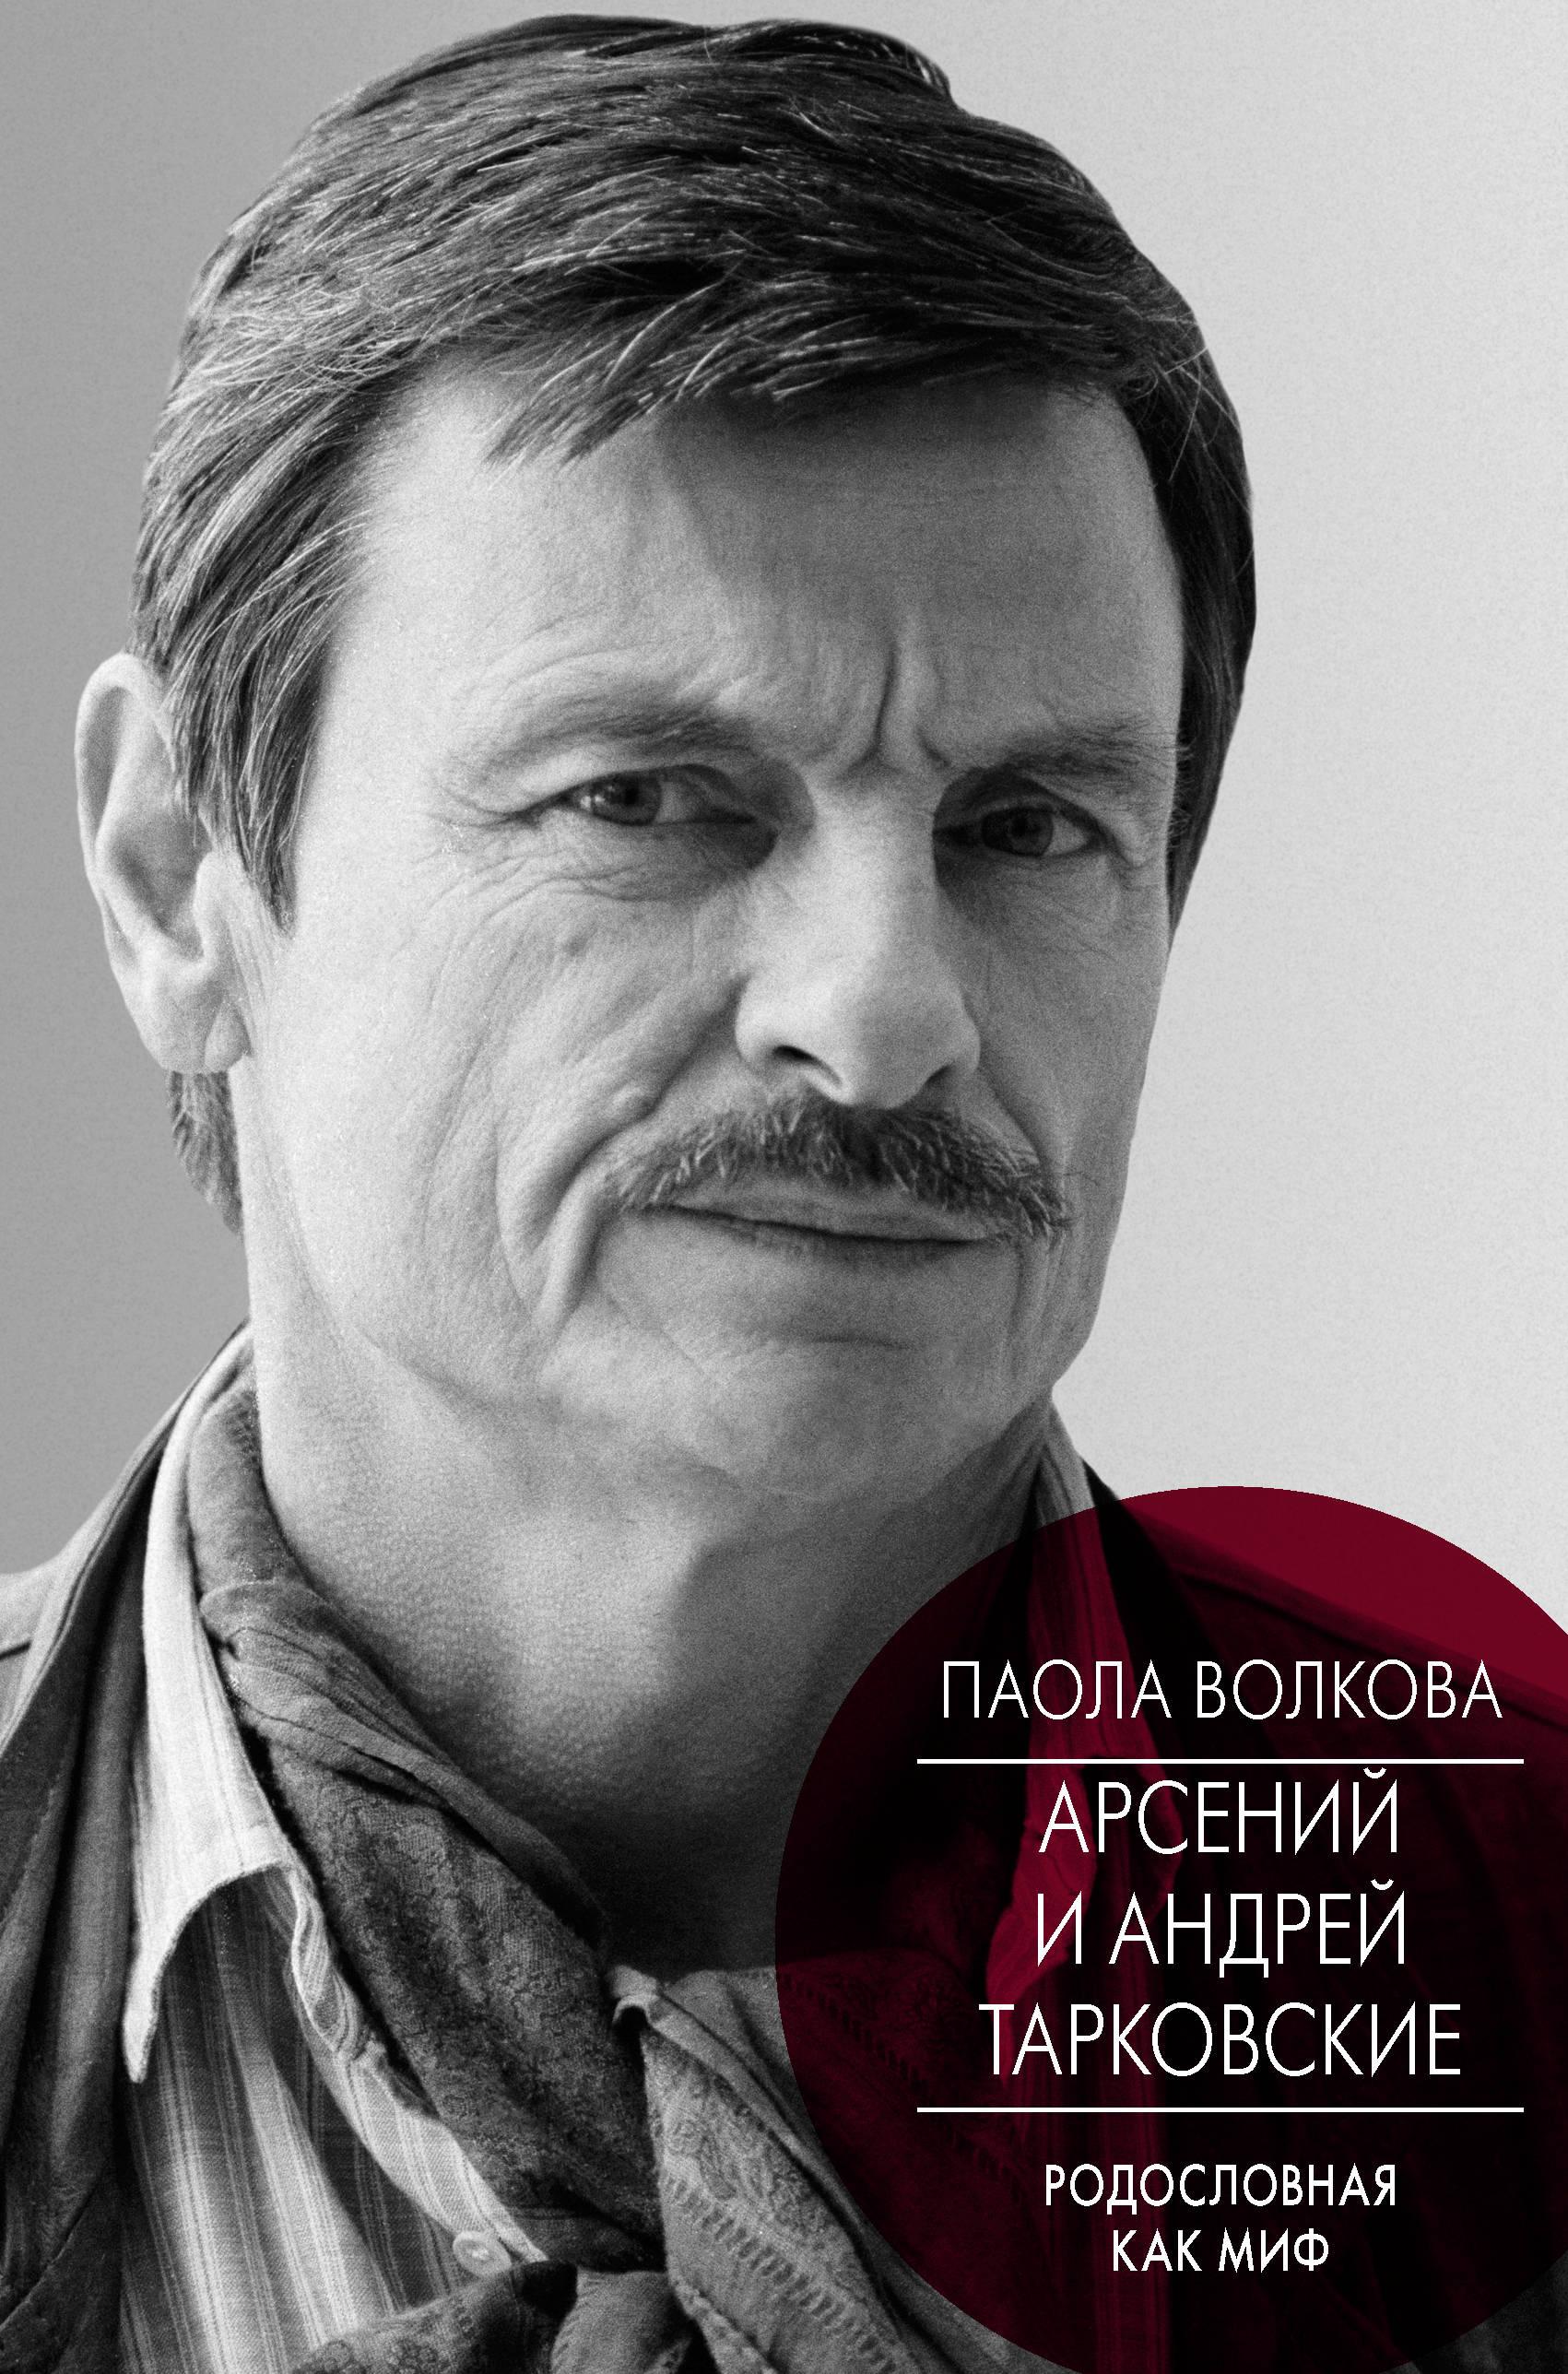 Арсений и Андрей Тарковские ( Волкова П.Д.  )